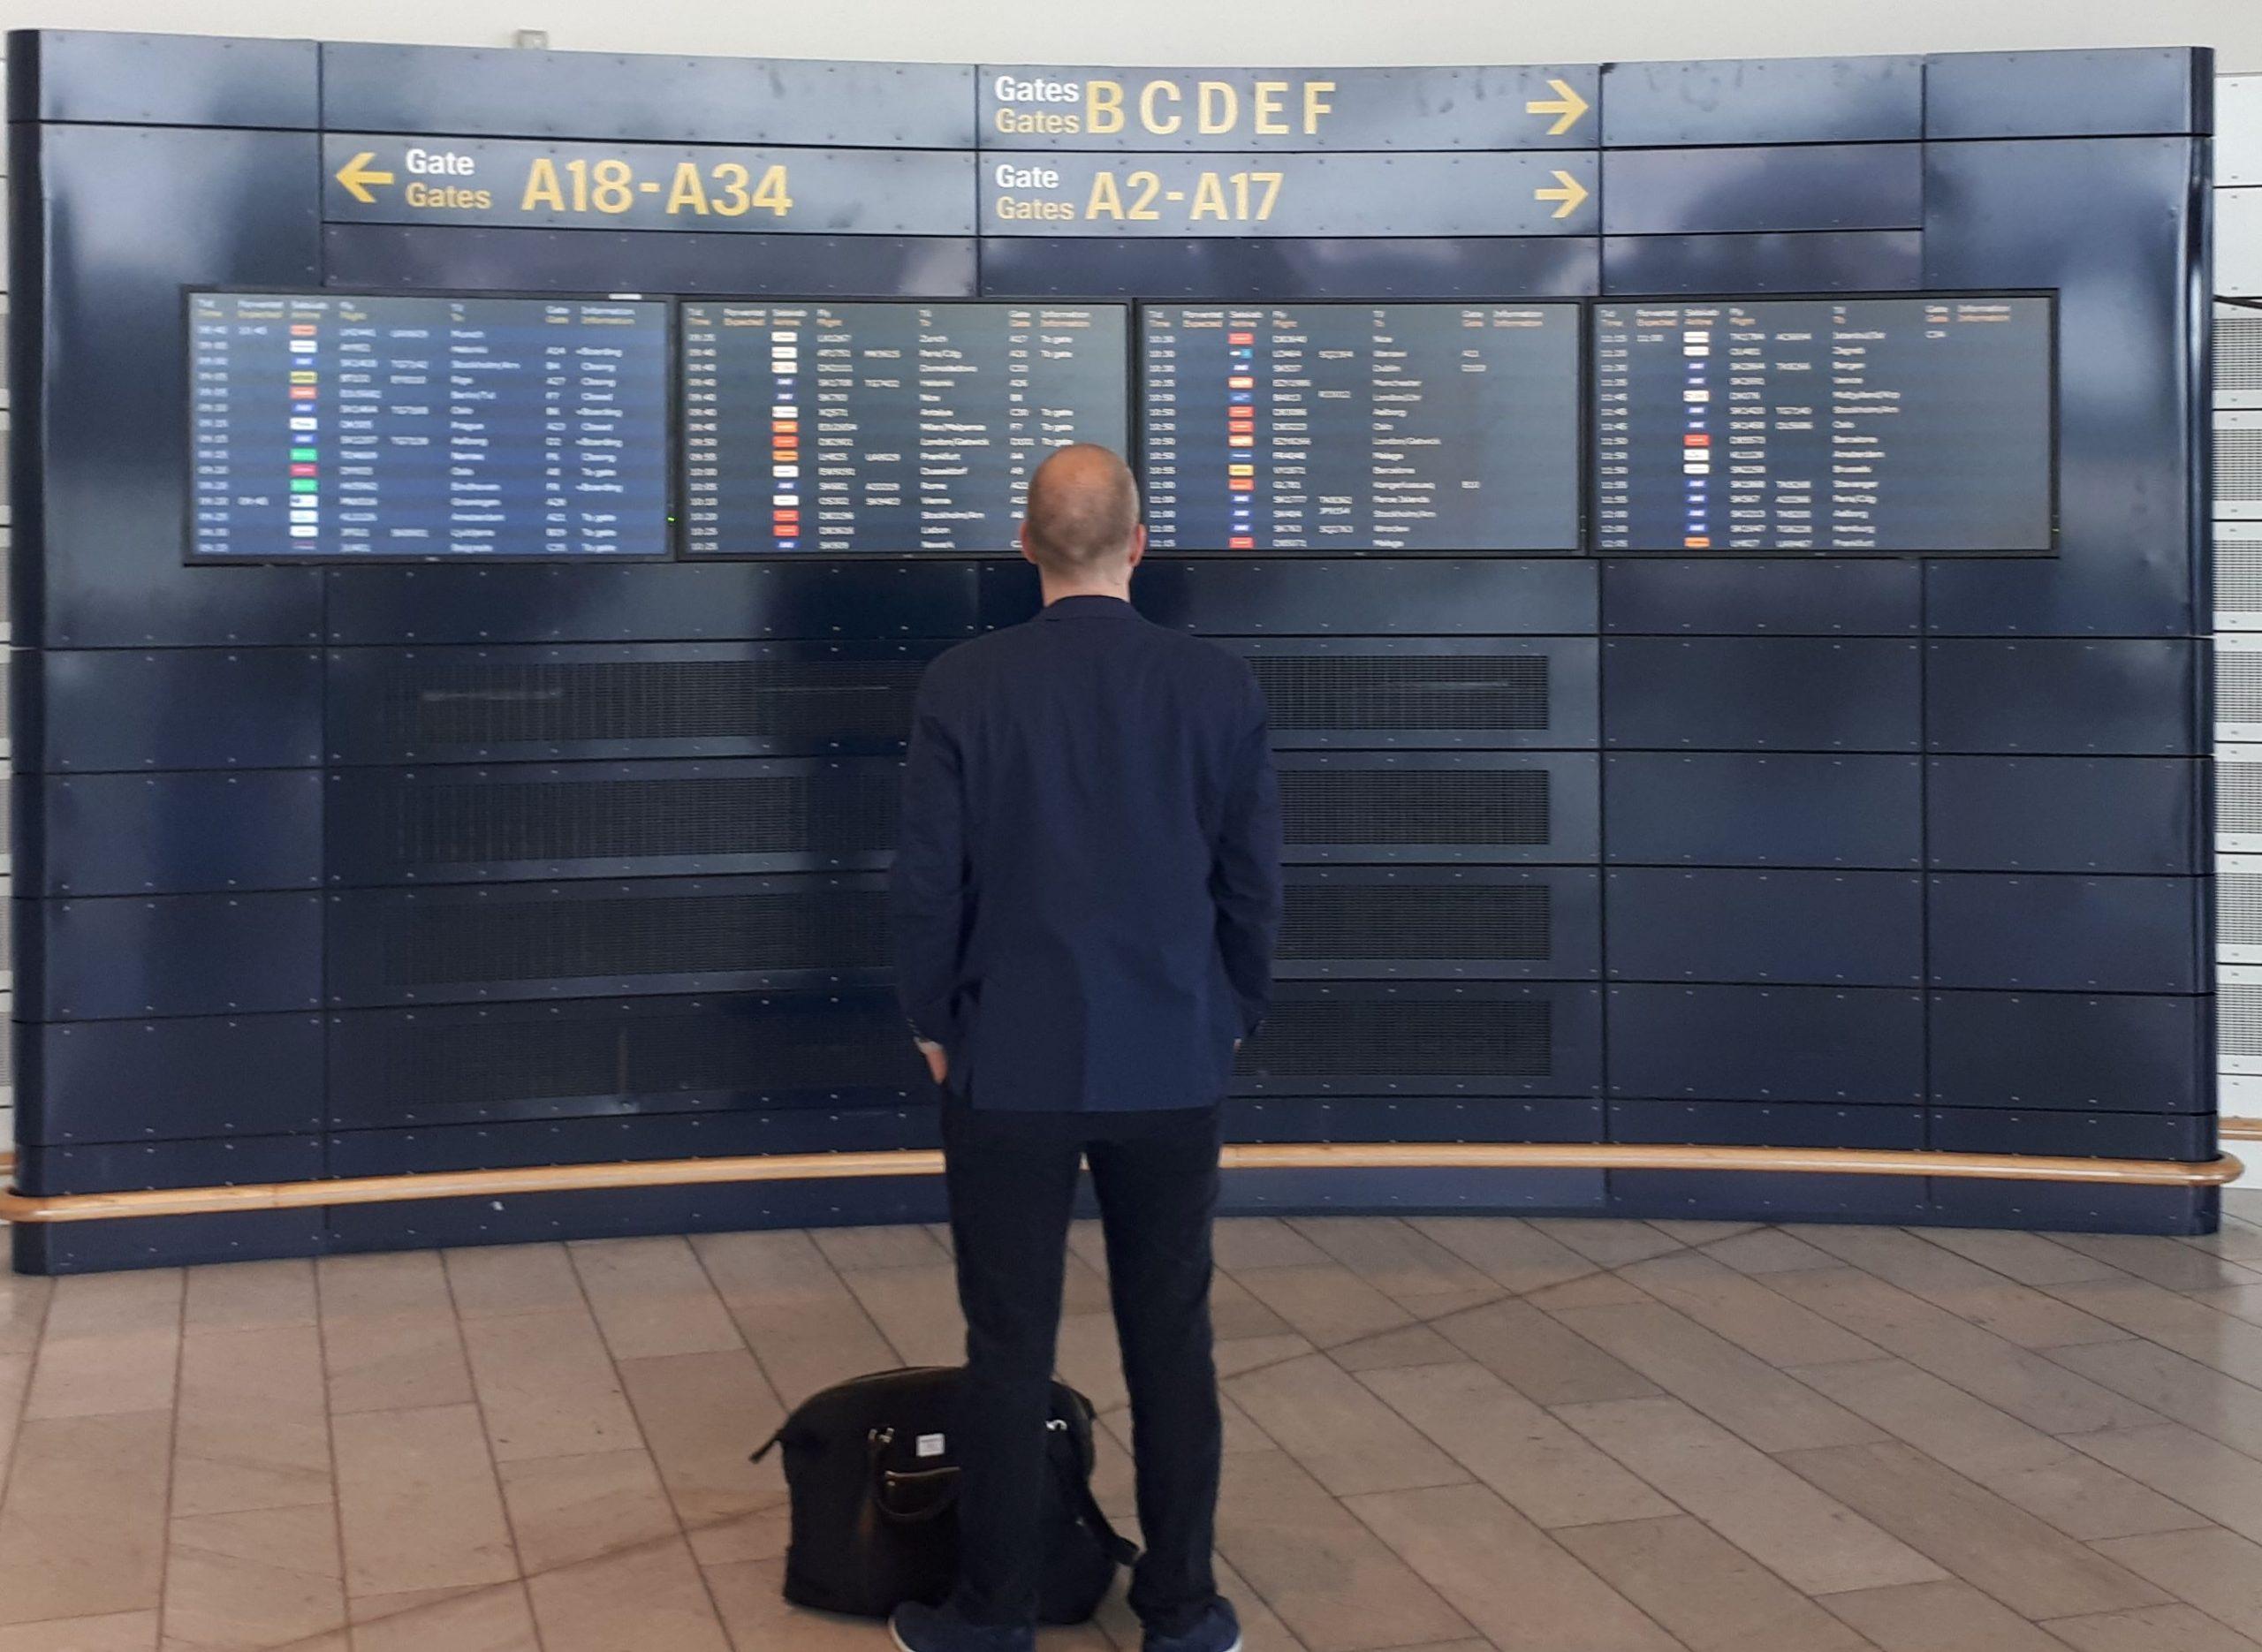 Nyt schweizisk rejseværktøj kan hjælpe virksomheder med profilsystemer for deres firmarejsende – herunder persondatasikkerhed. Foto: Henrik Baumgarten.